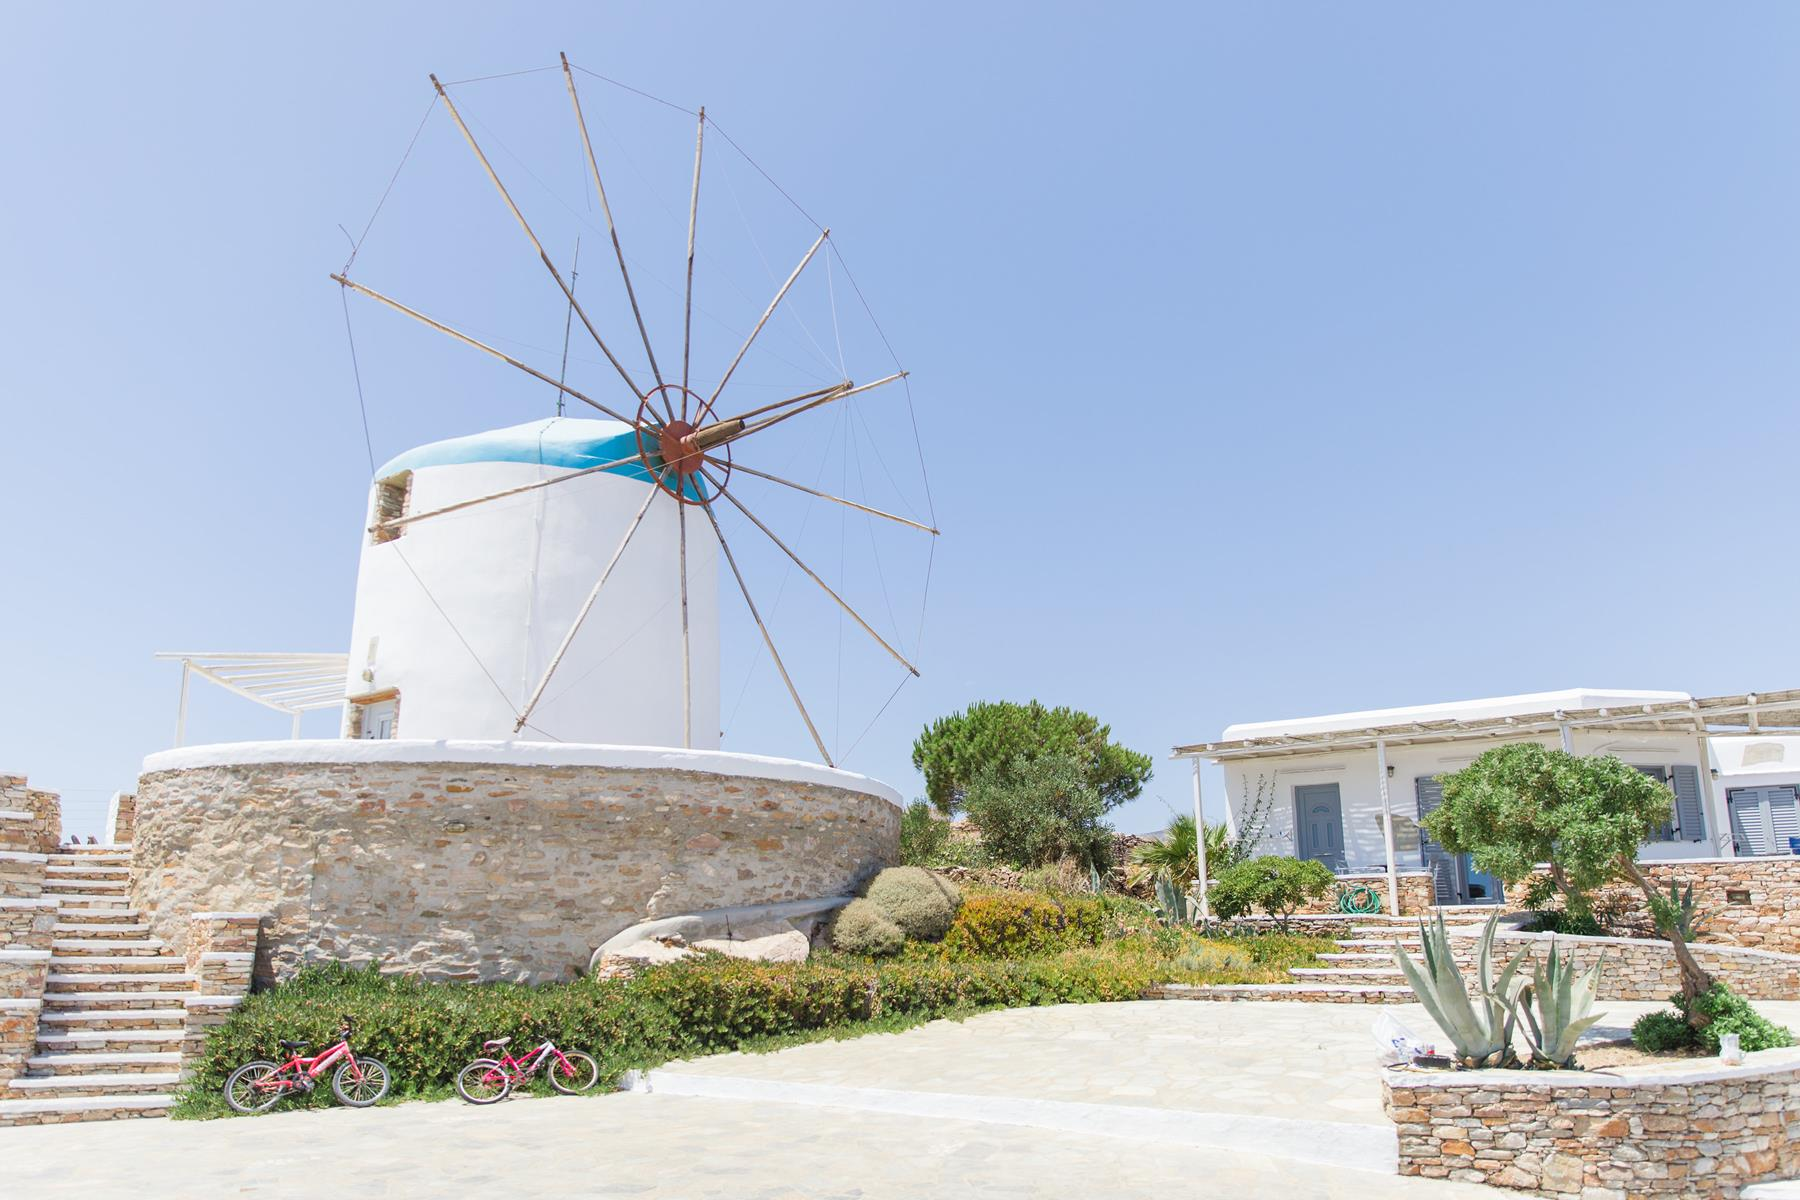 sifnos-windmill-bella-vista-roberta-facchini-60 (Copy)